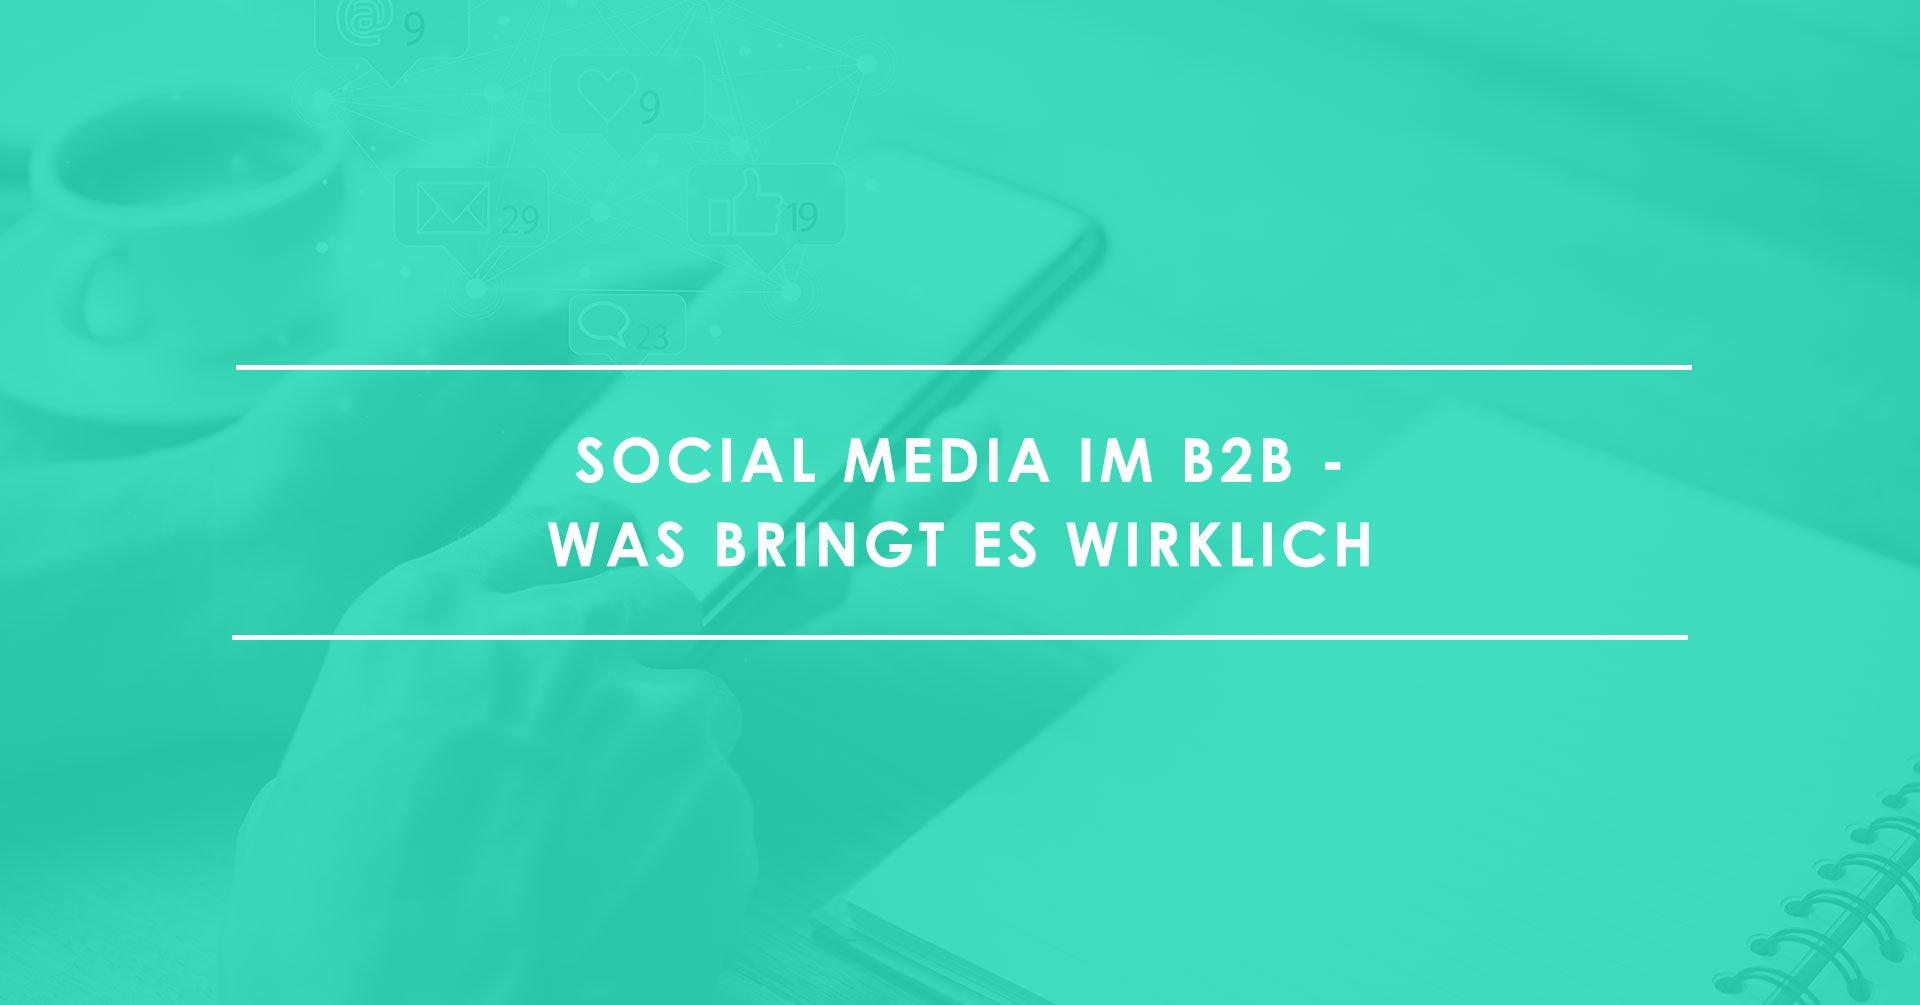 Welchen-Einfluss-hat-Social-Media-im-B2B-tatsächlich-